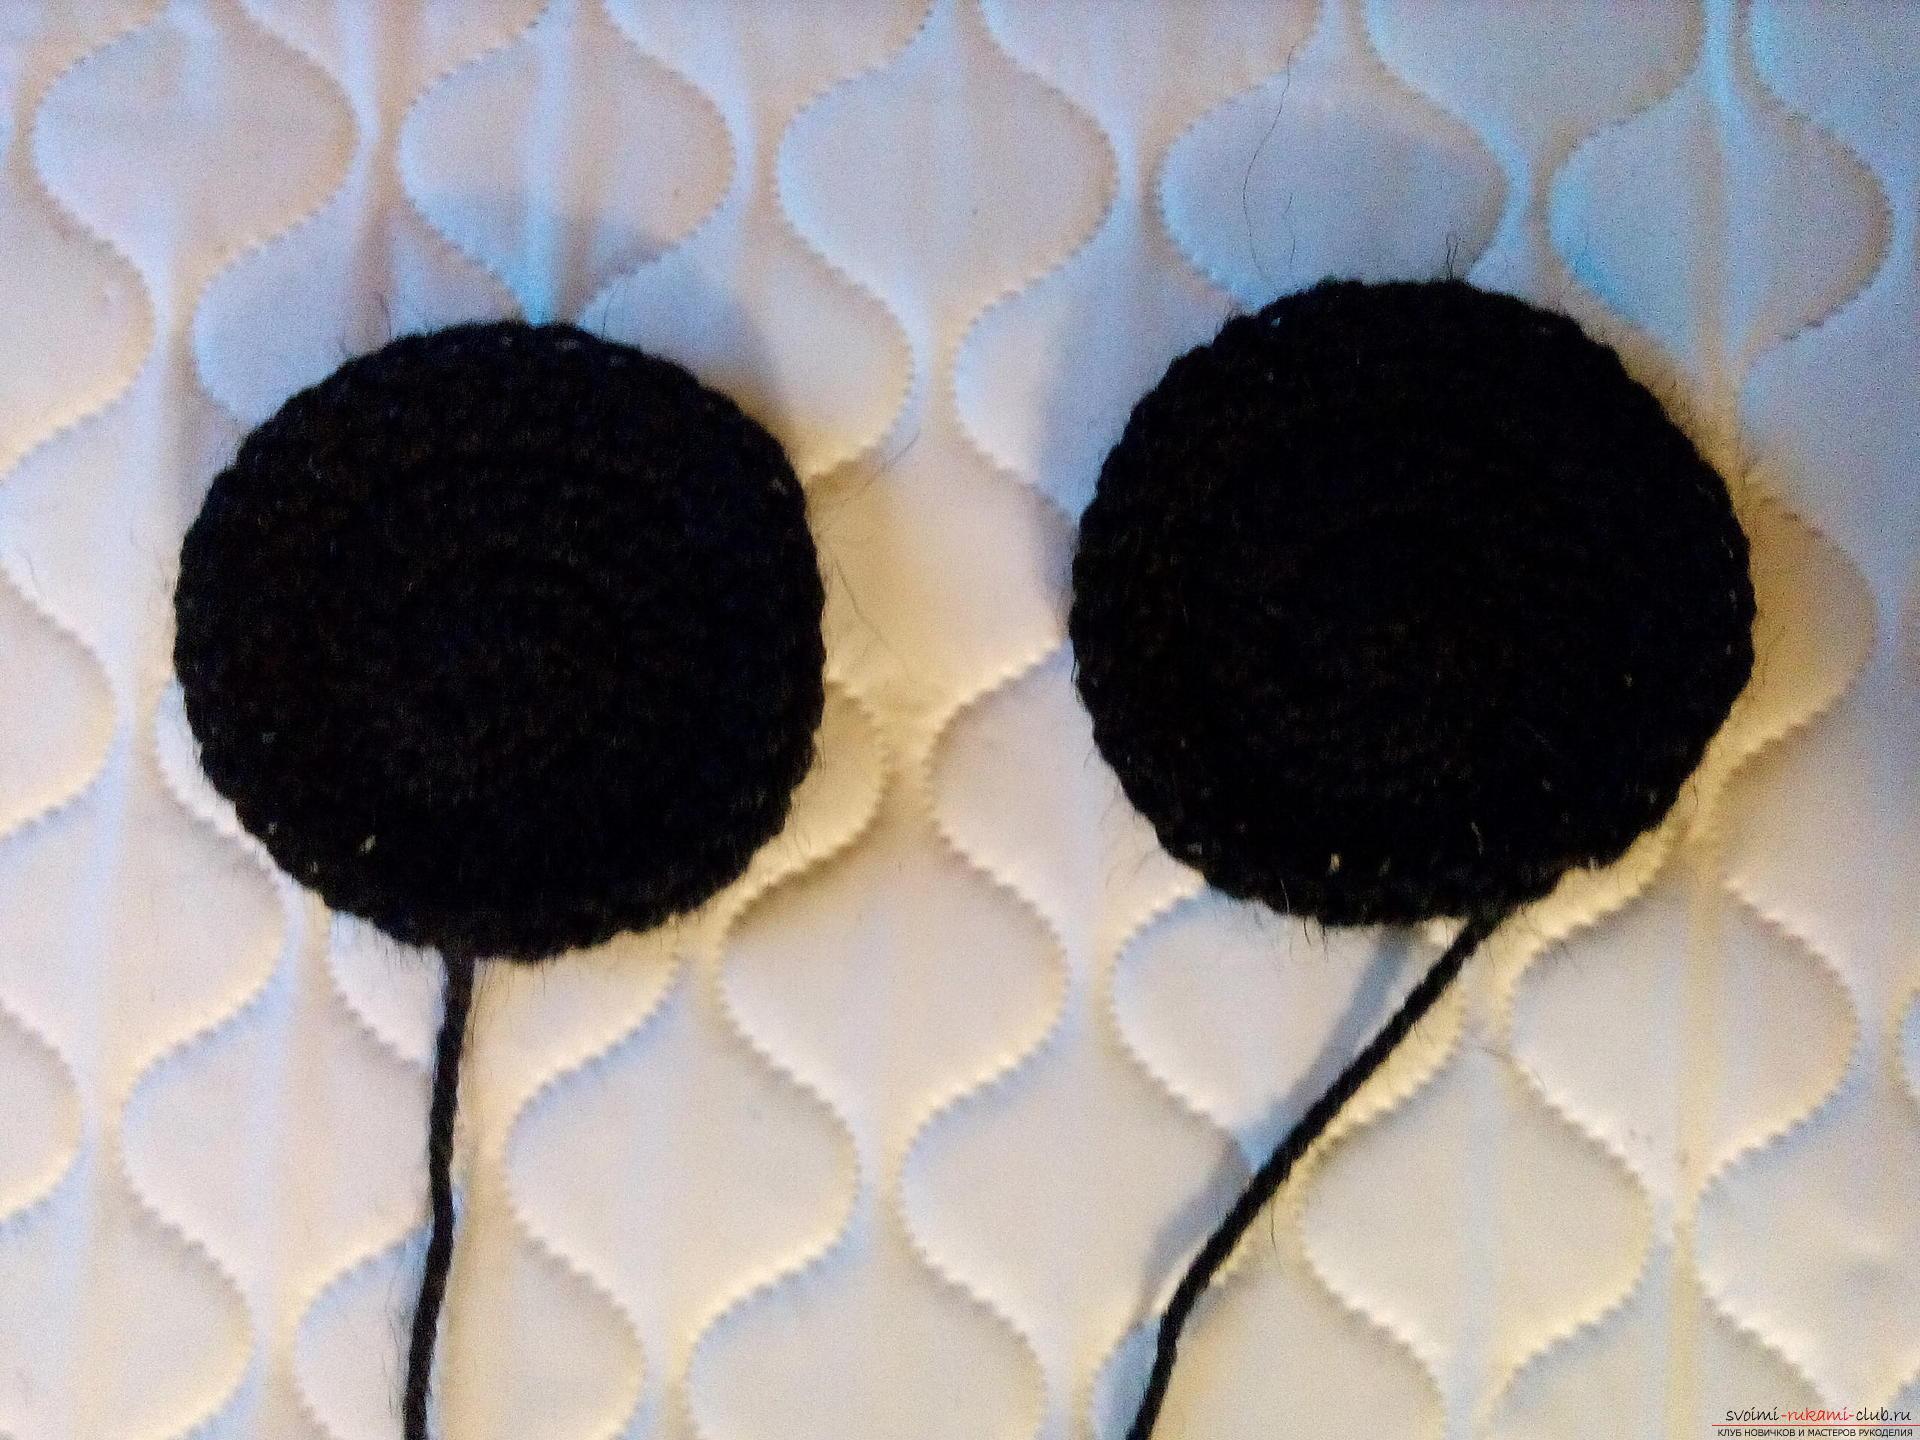 Пошаговое описание и фото вязания крючком комплекта для мальчика из шапочки и шарфа. Фото №11